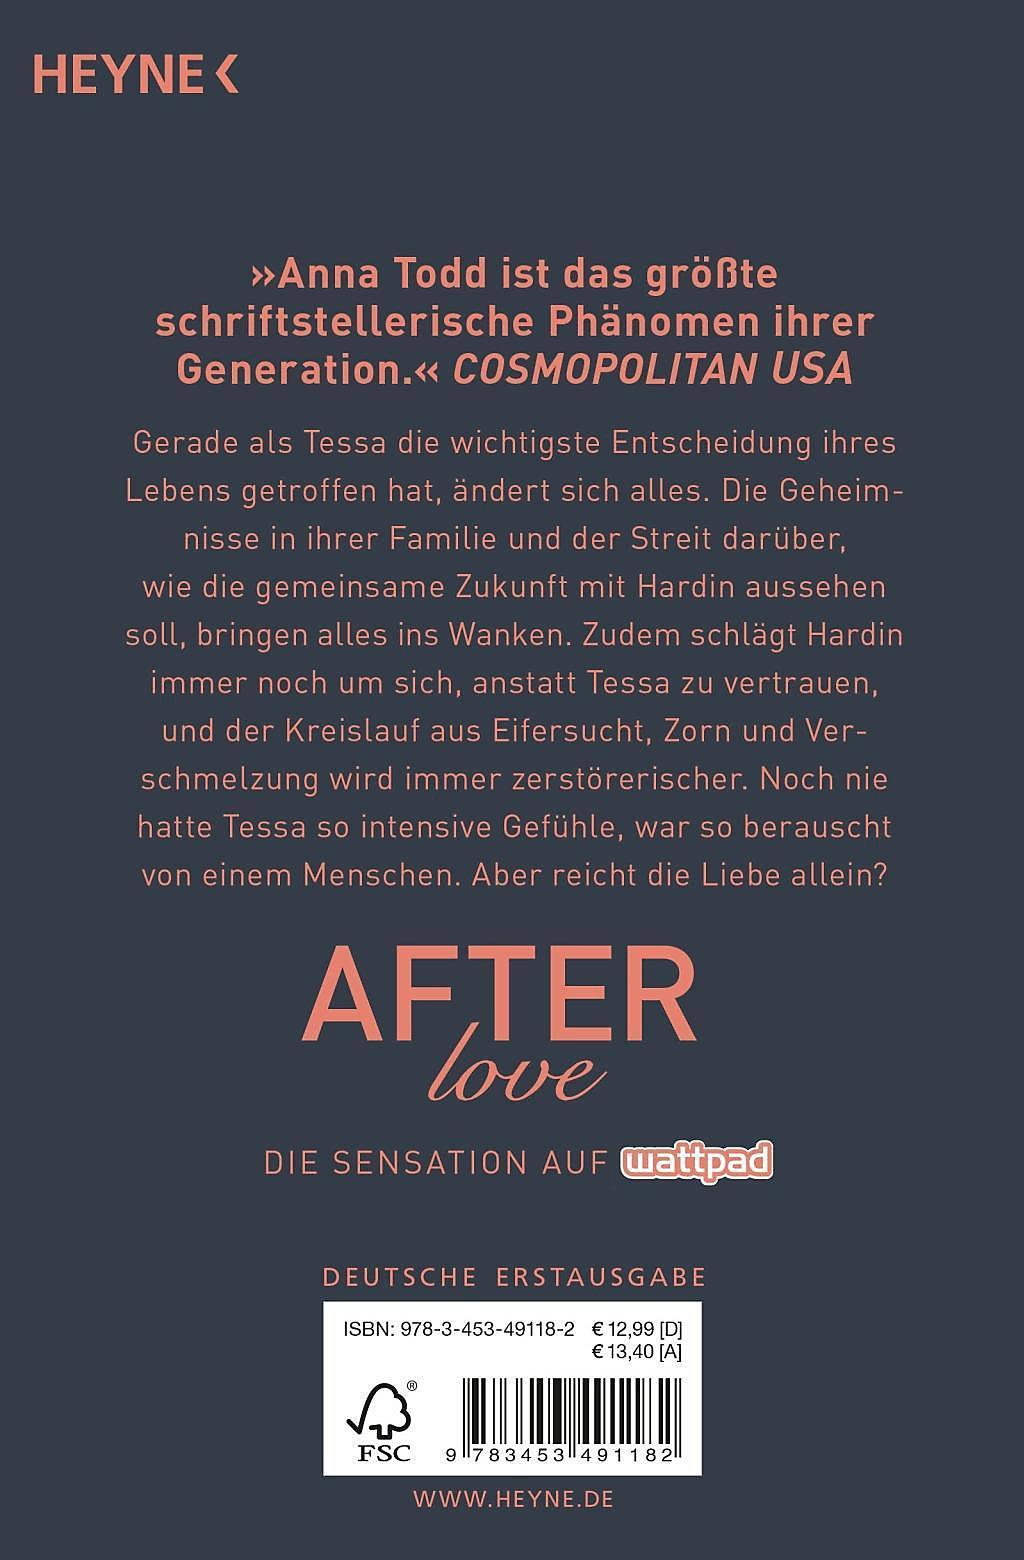 After Bücher